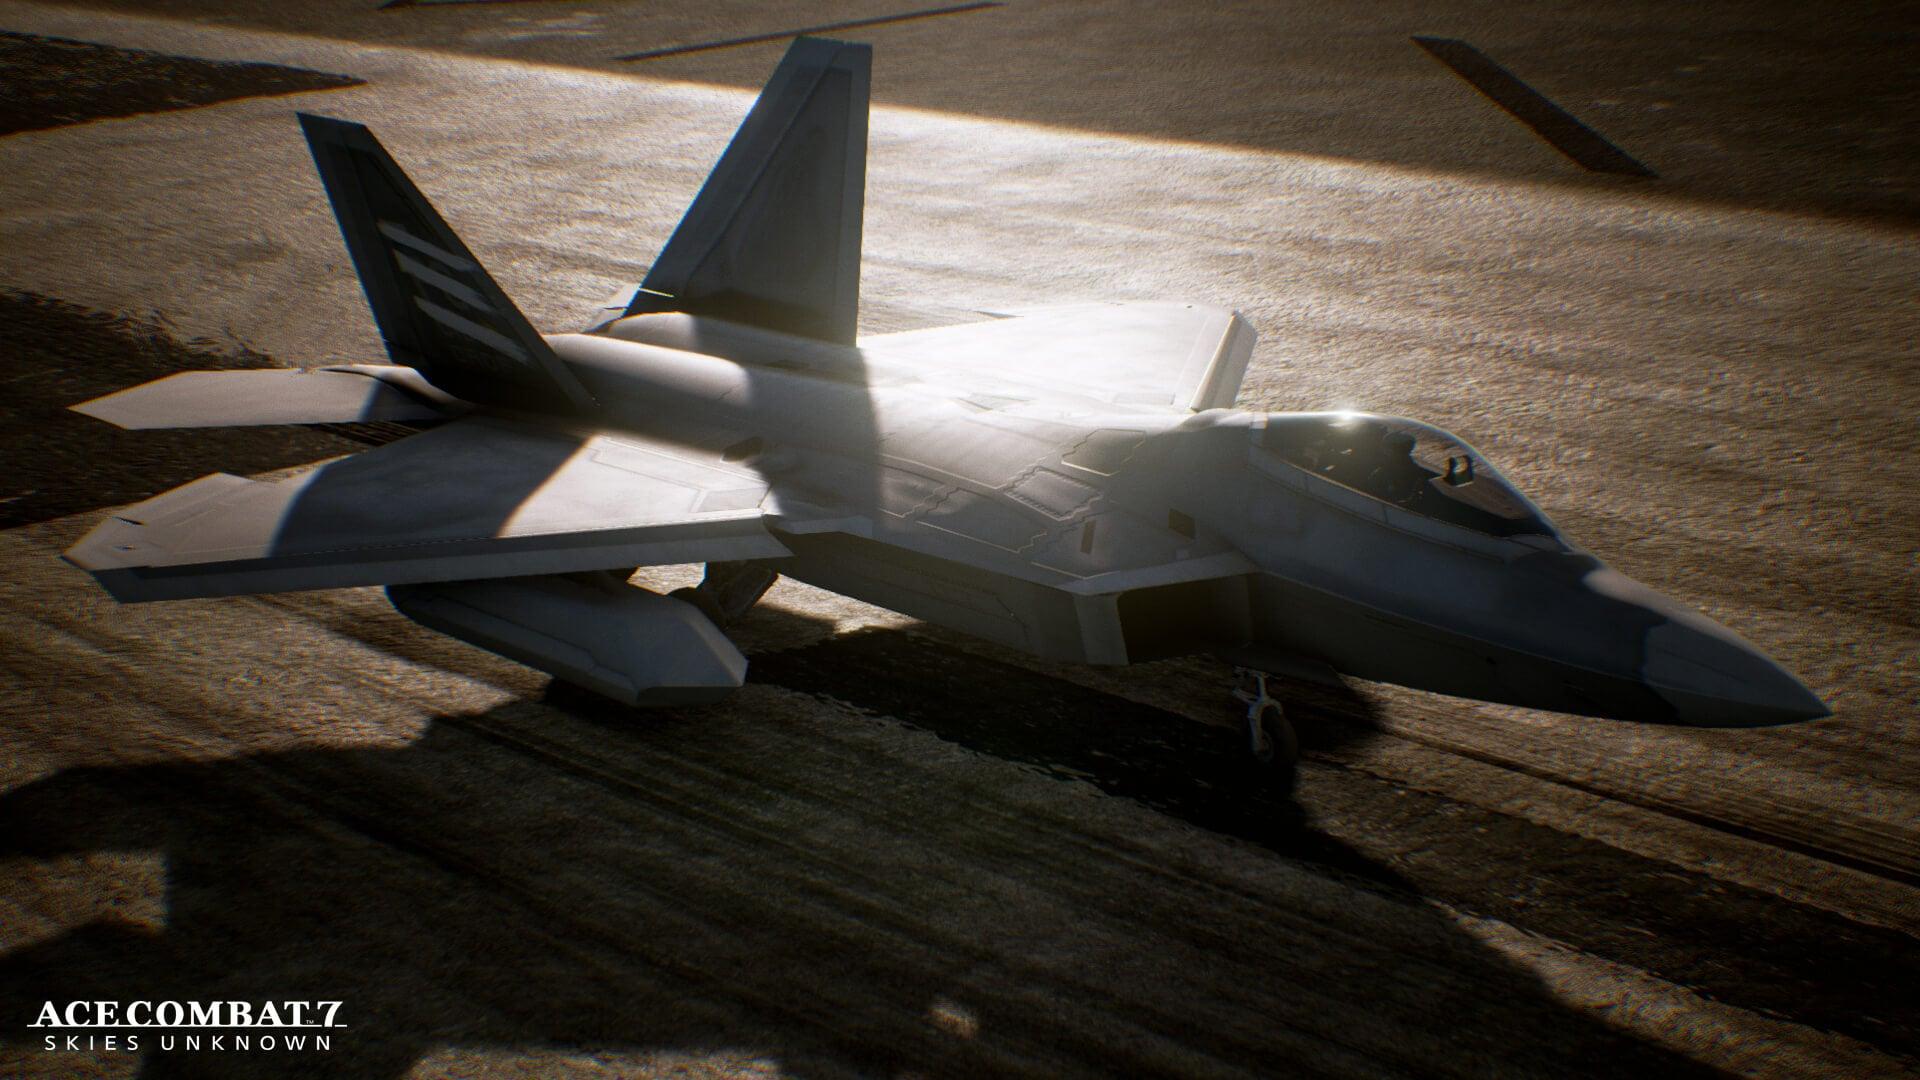 نتيجة بحث الصور عن Ace Combat 7: Skies Unknown معلومات